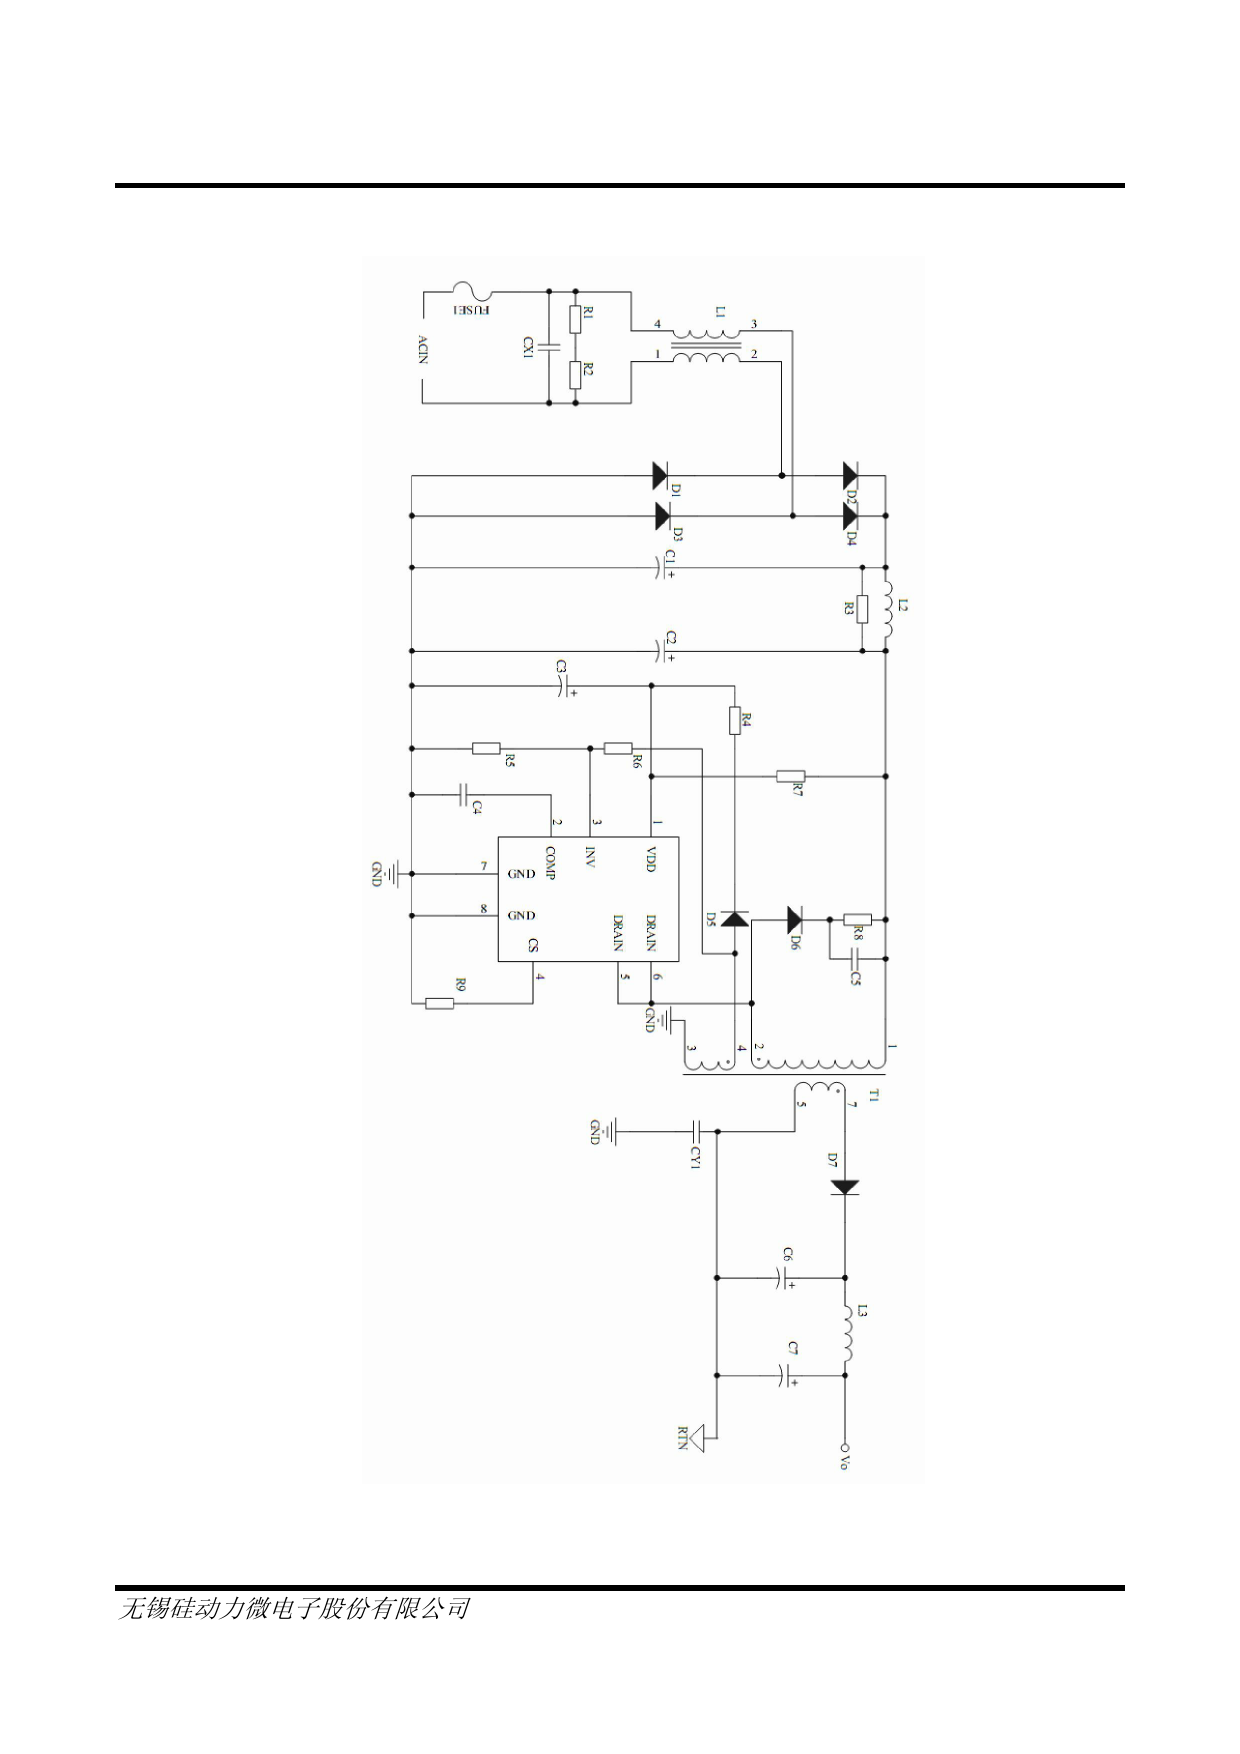 SP5619 전자부품, 판매, 대치품